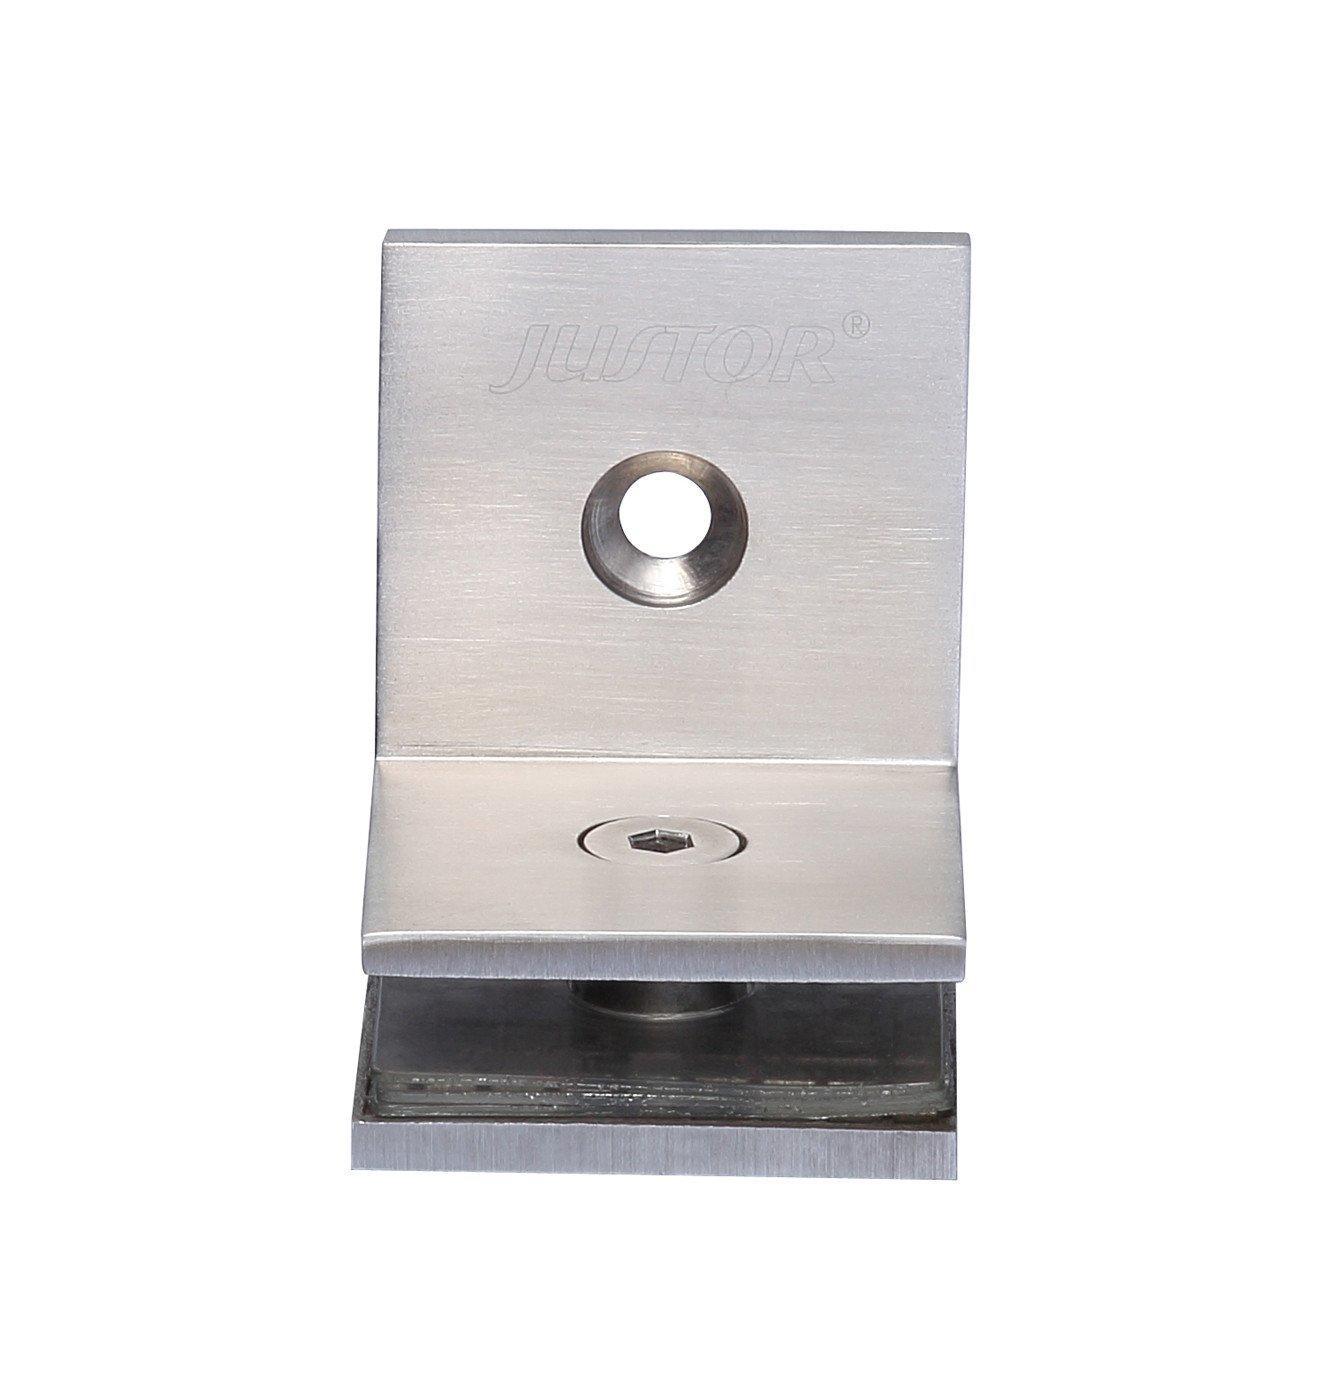 Kaida glass hardware glass door hinges bathroom Shower room shower door 180 degree